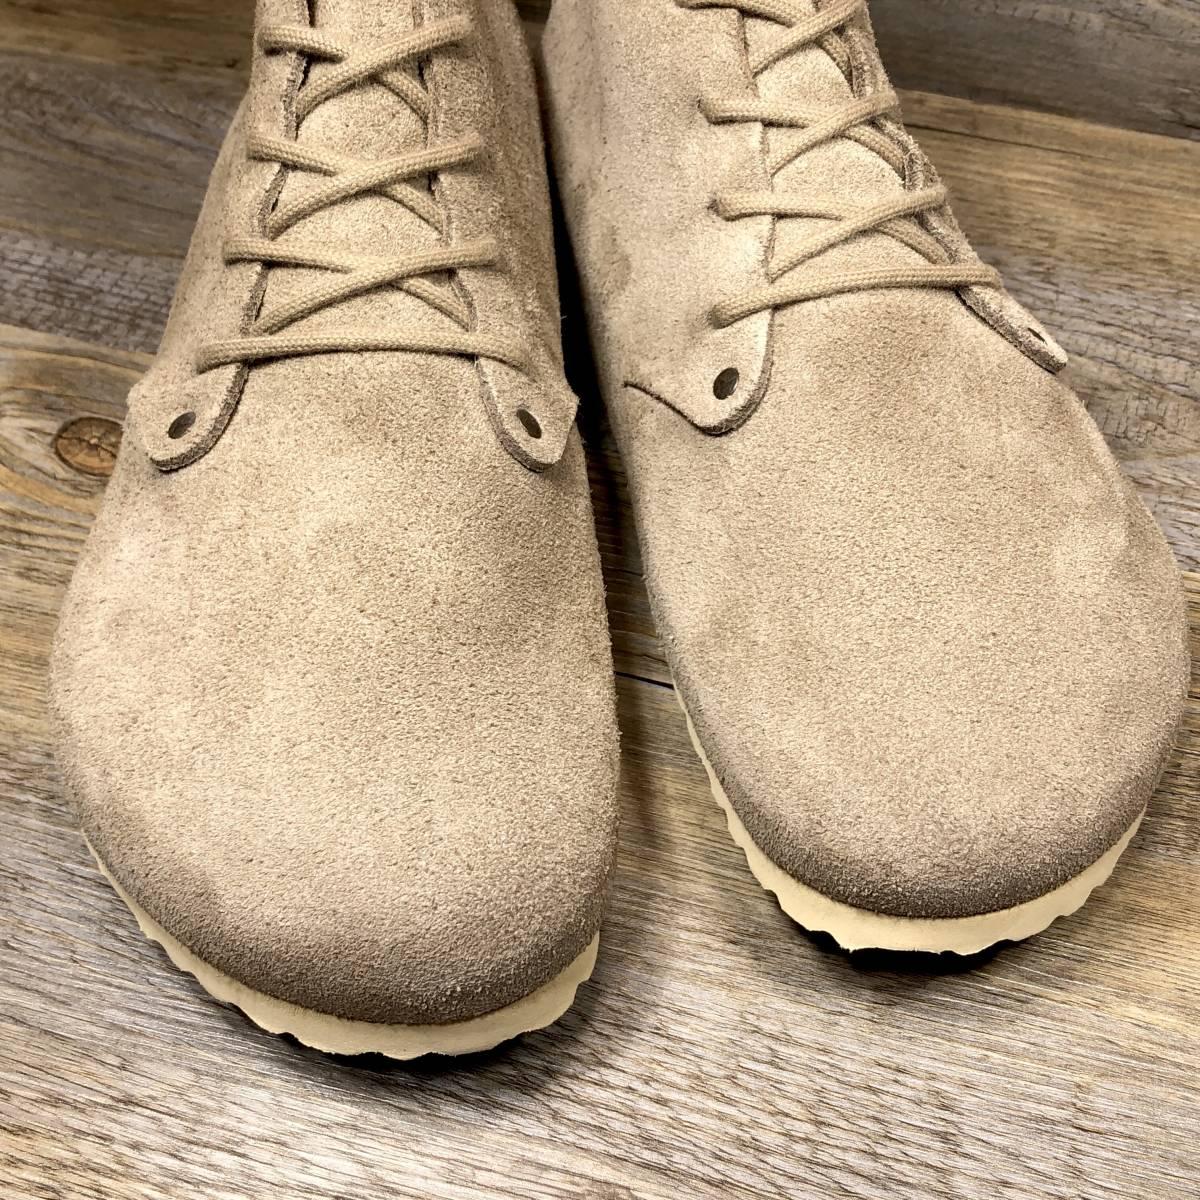 ■BIRKENSTOCK DUNDEE■ 未使用品 定価19,580円 27cm 42 ベージュ ビルケンシュトック ダンディー メンズ 靴 革靴 天然皮革 くつ 即決_画像4